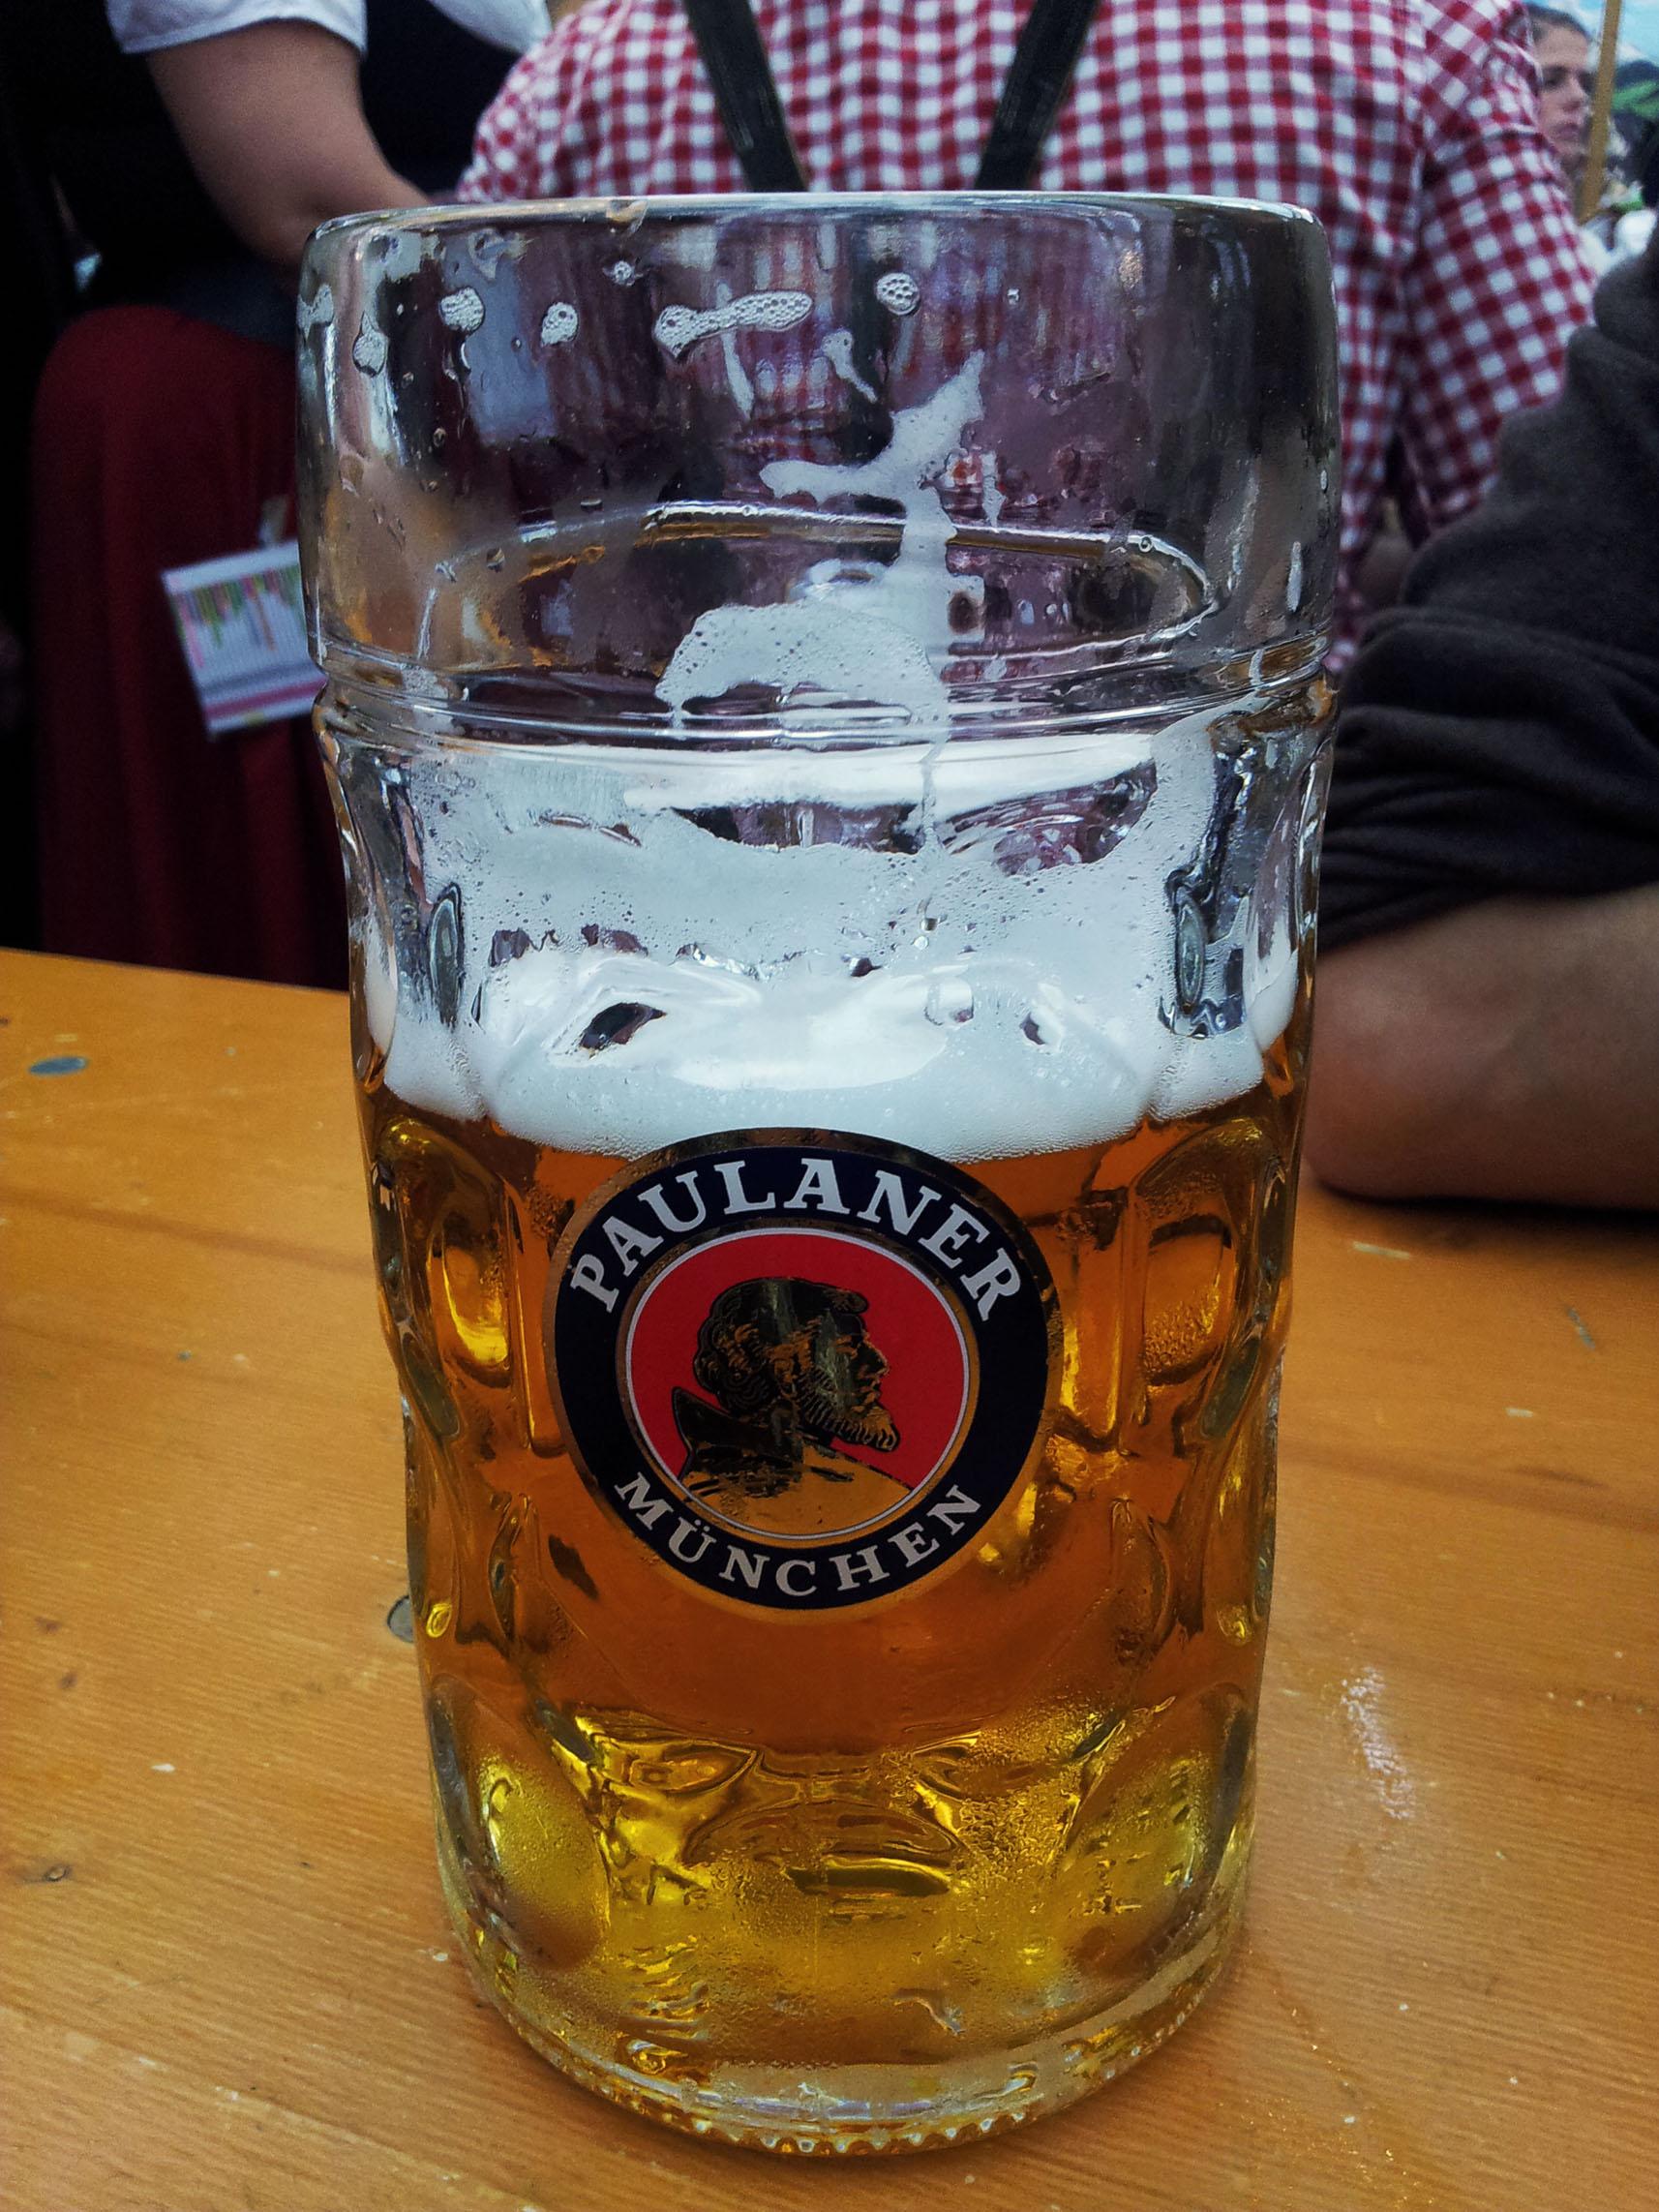 No i piwo!!! <3 Najważniejsza część Oktoberfest! Tutaj Paulaner, ale mamy do wyboru kilka innych piw w innych namiotach. Wszystkie są pyszne, nierozwodnione i wielkie! Koszt jednego to około 10-11 euro, a musicie wziąć pod uwagę że podczas całego dnia na pewno wypijecie ich kilka ;)